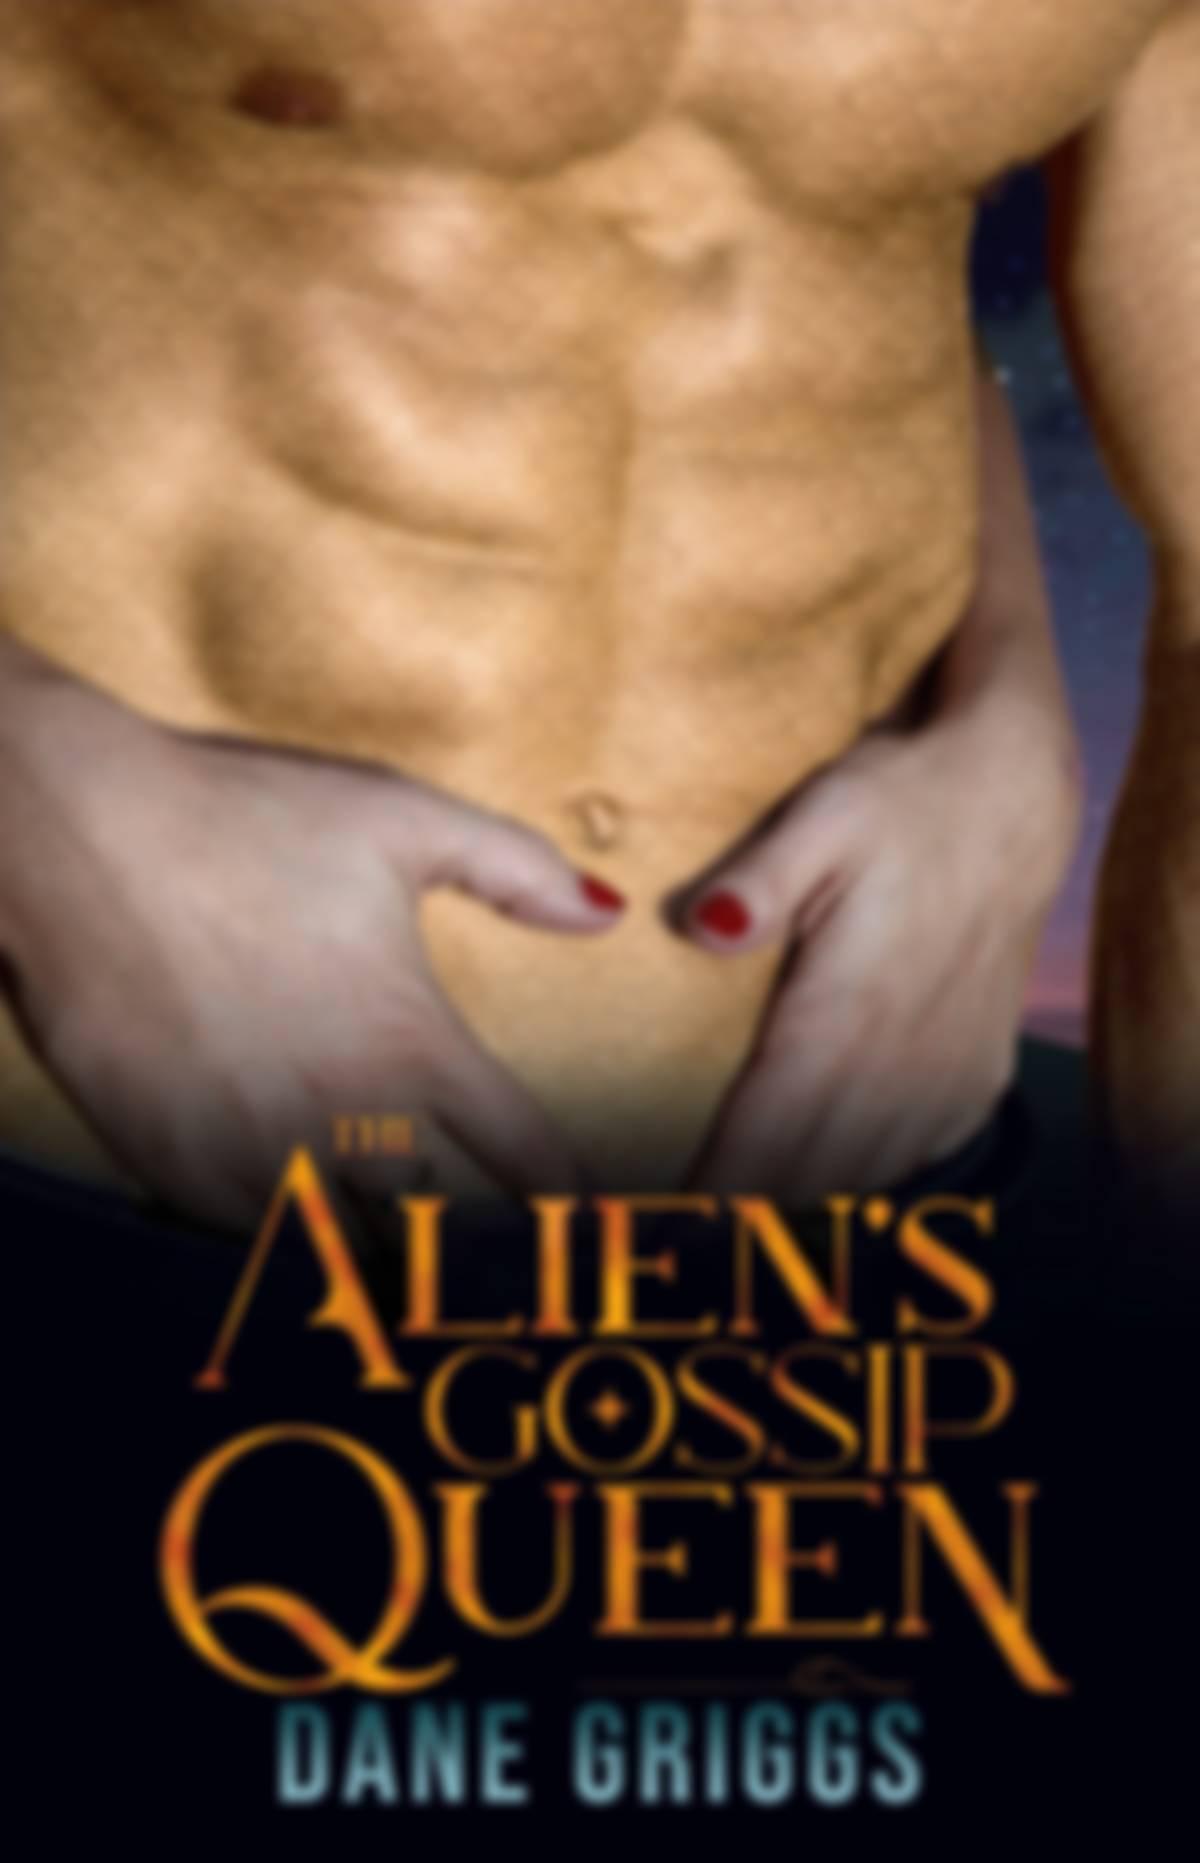 The Alien's Gossip Queen book cover